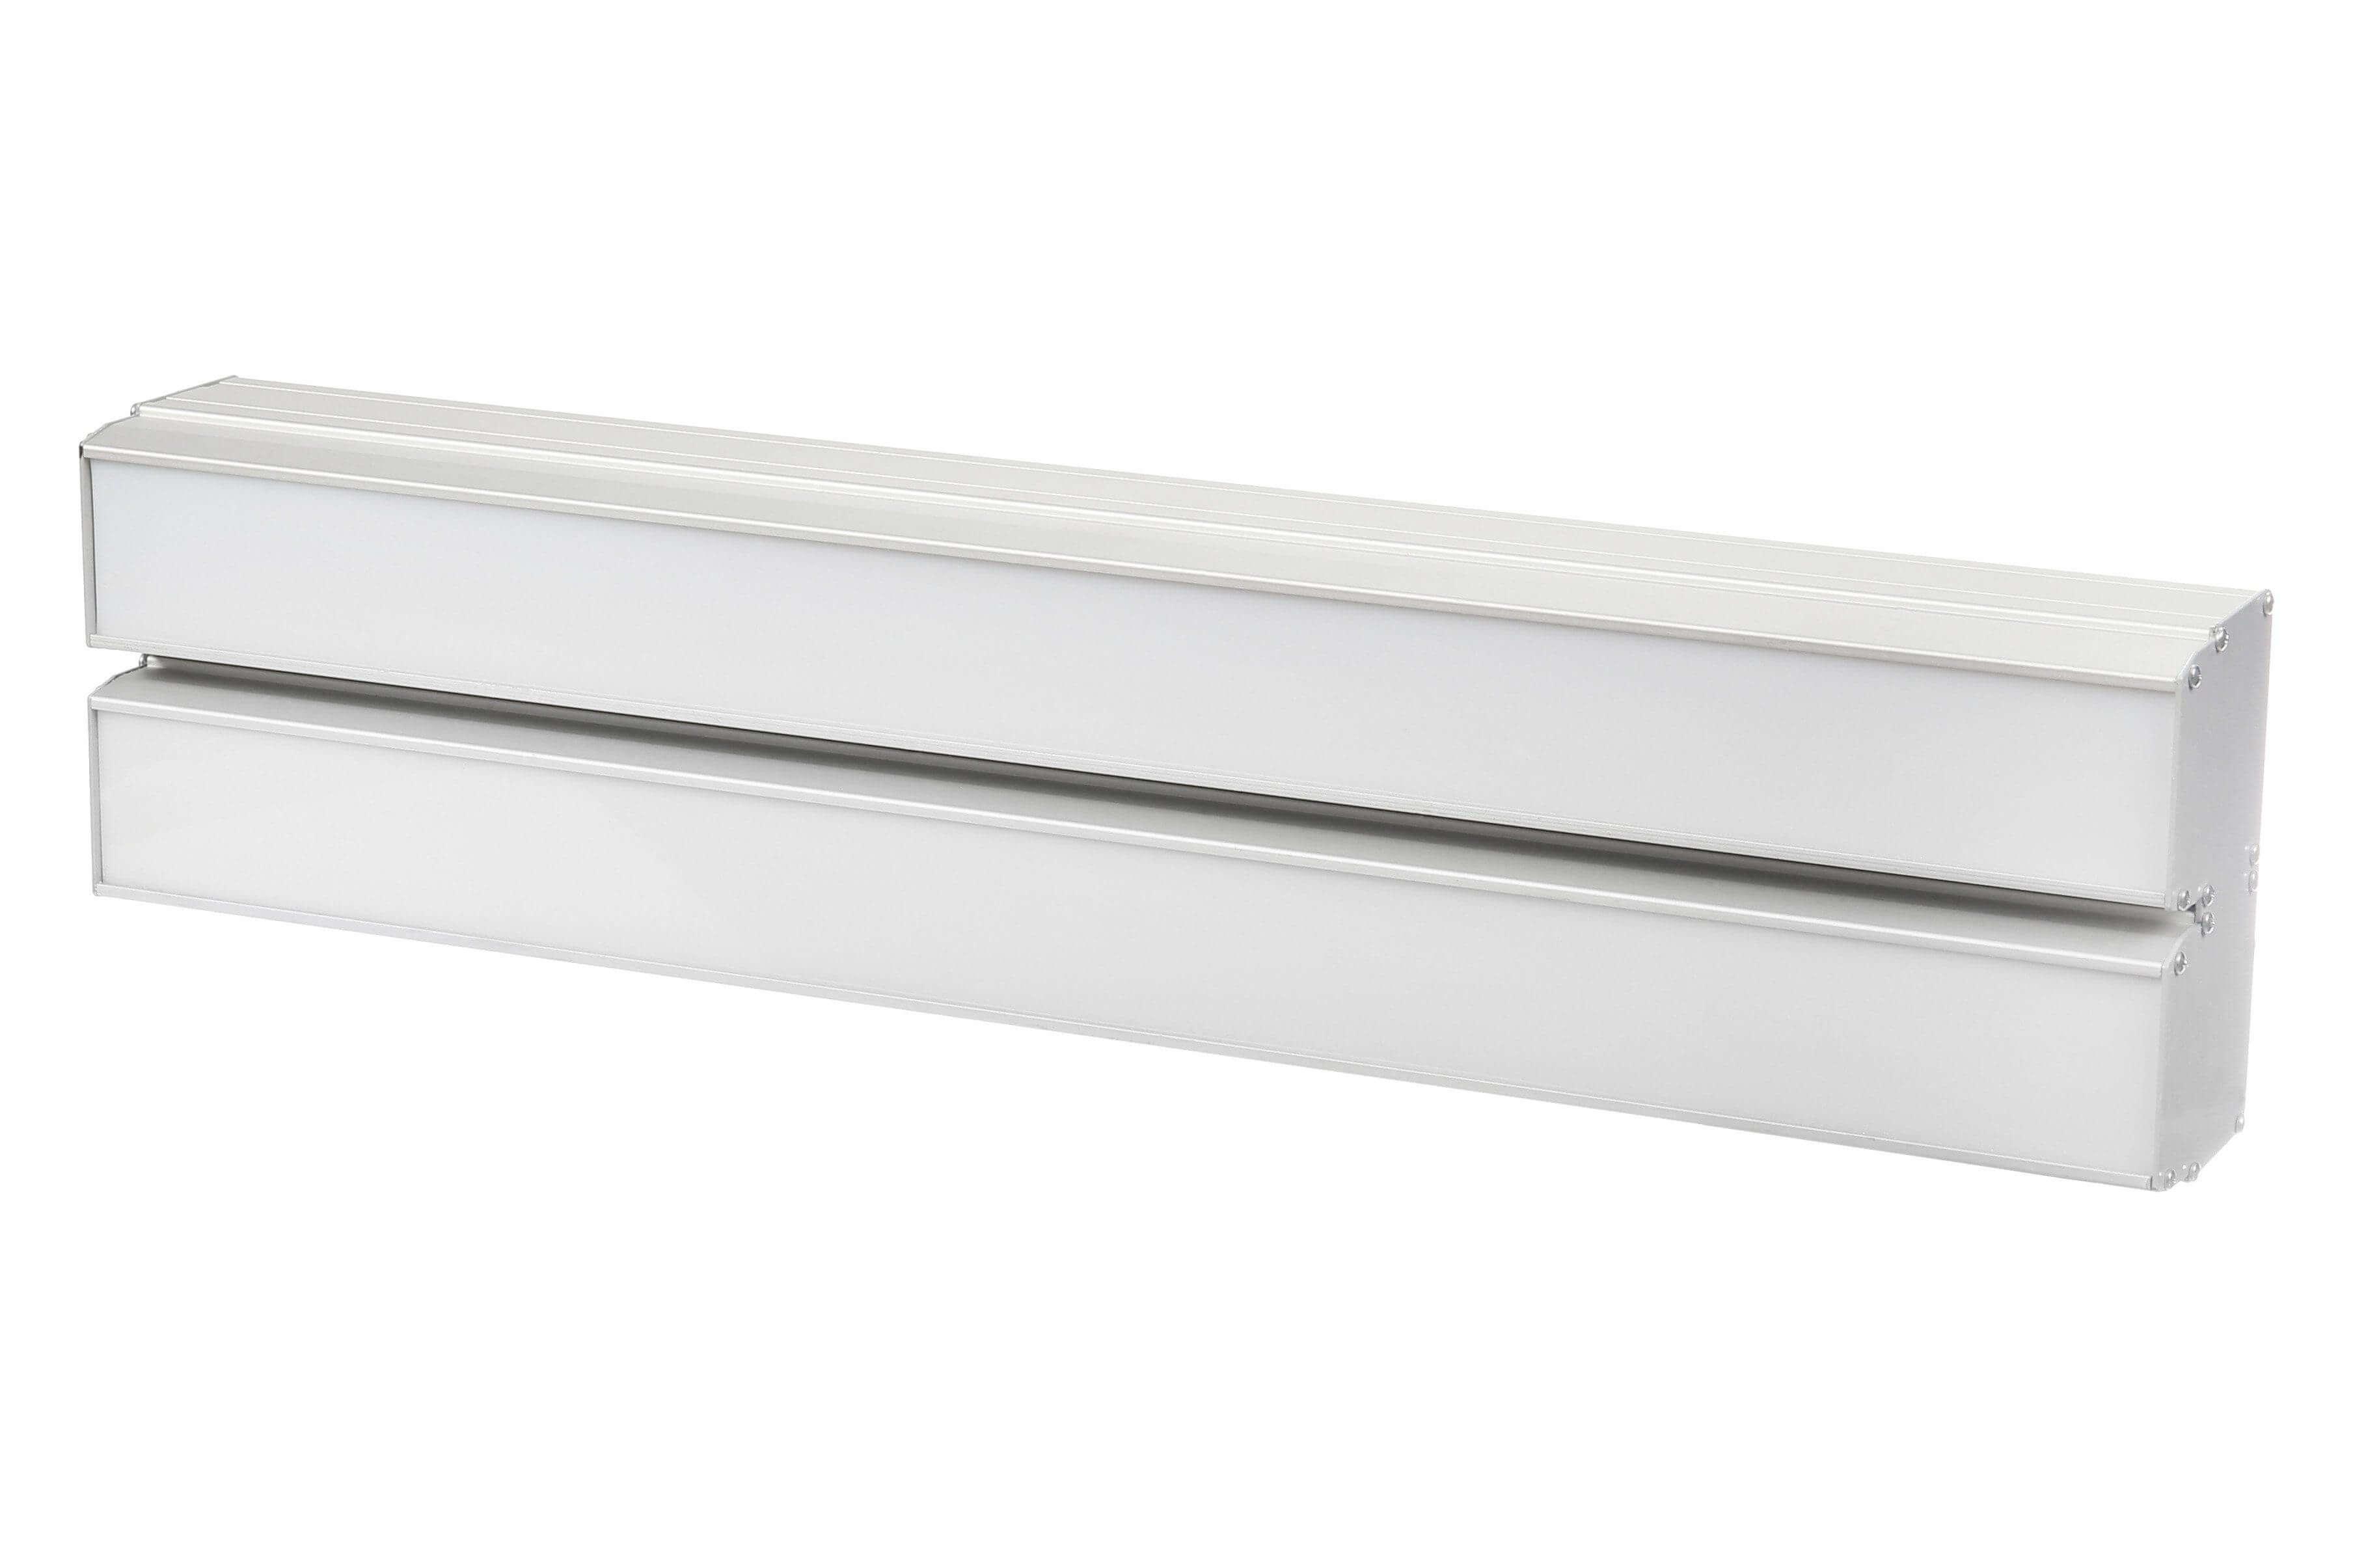 Светодиодный светильник LEDcraft LC-160-2PR2-OP-DW 160 Ватт IP20 (1160 мм) Нейтральный Опал